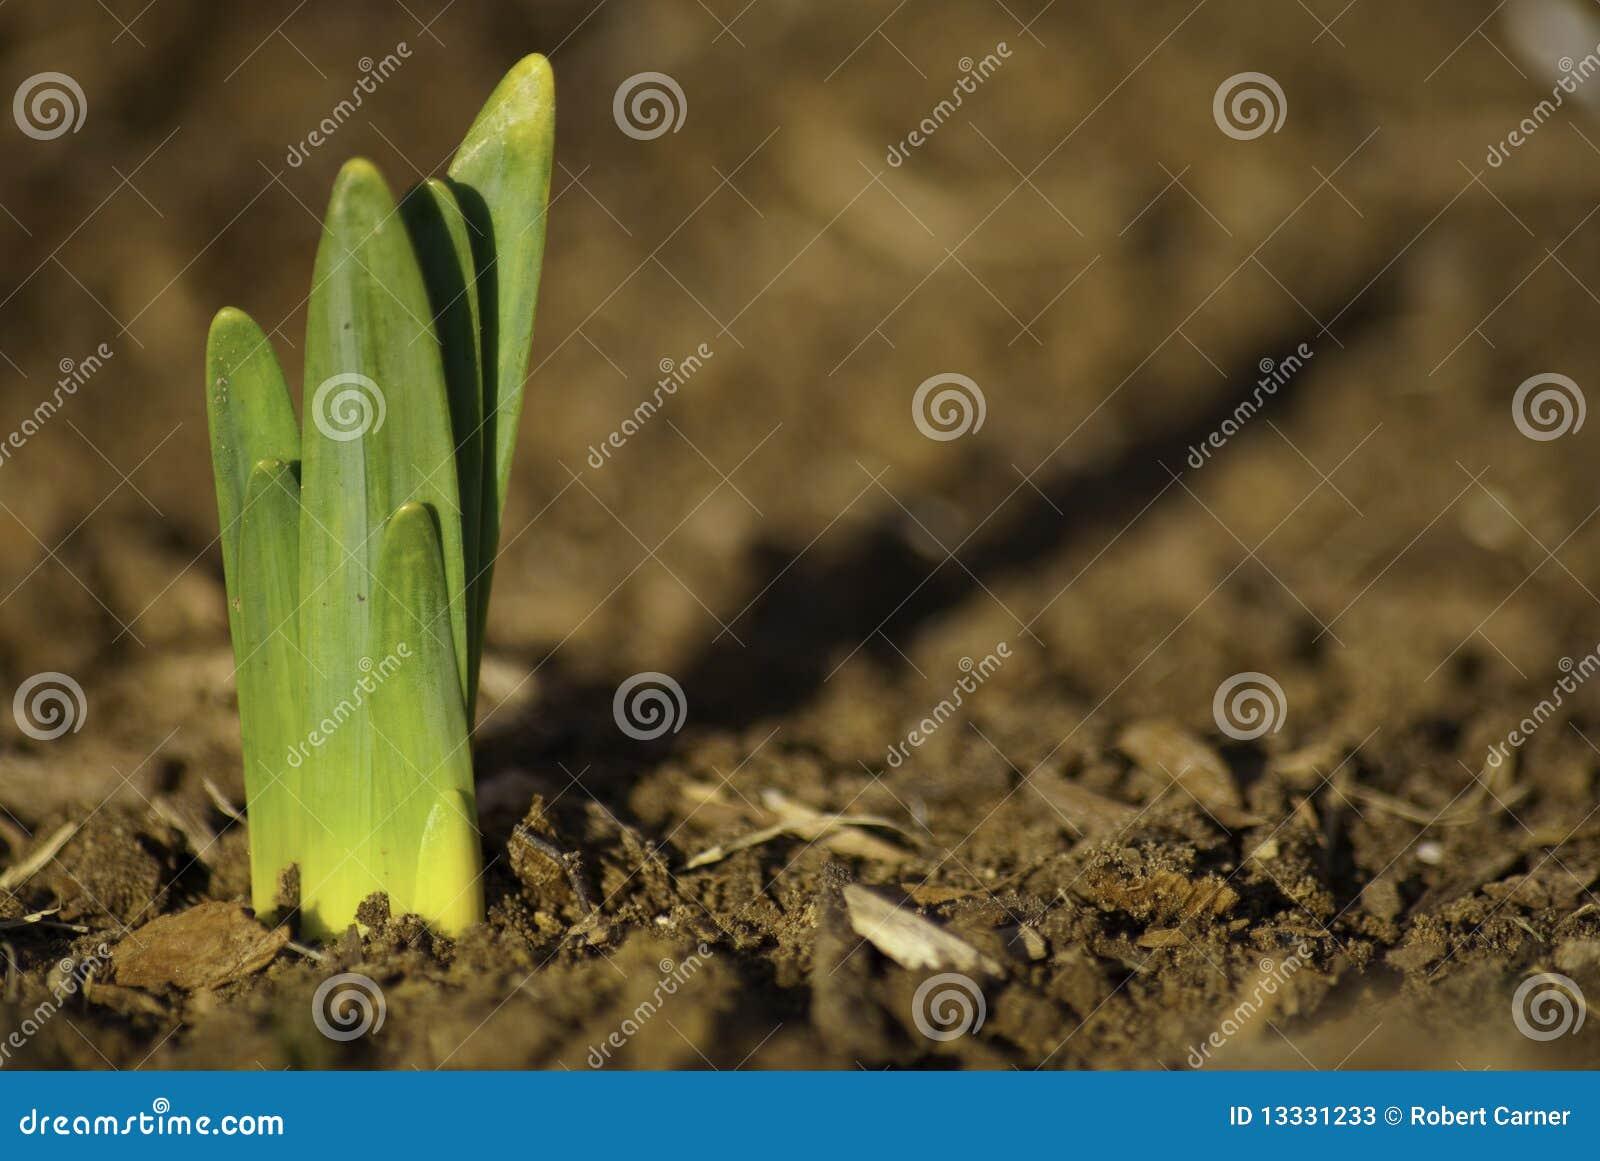 Daffodil flanca